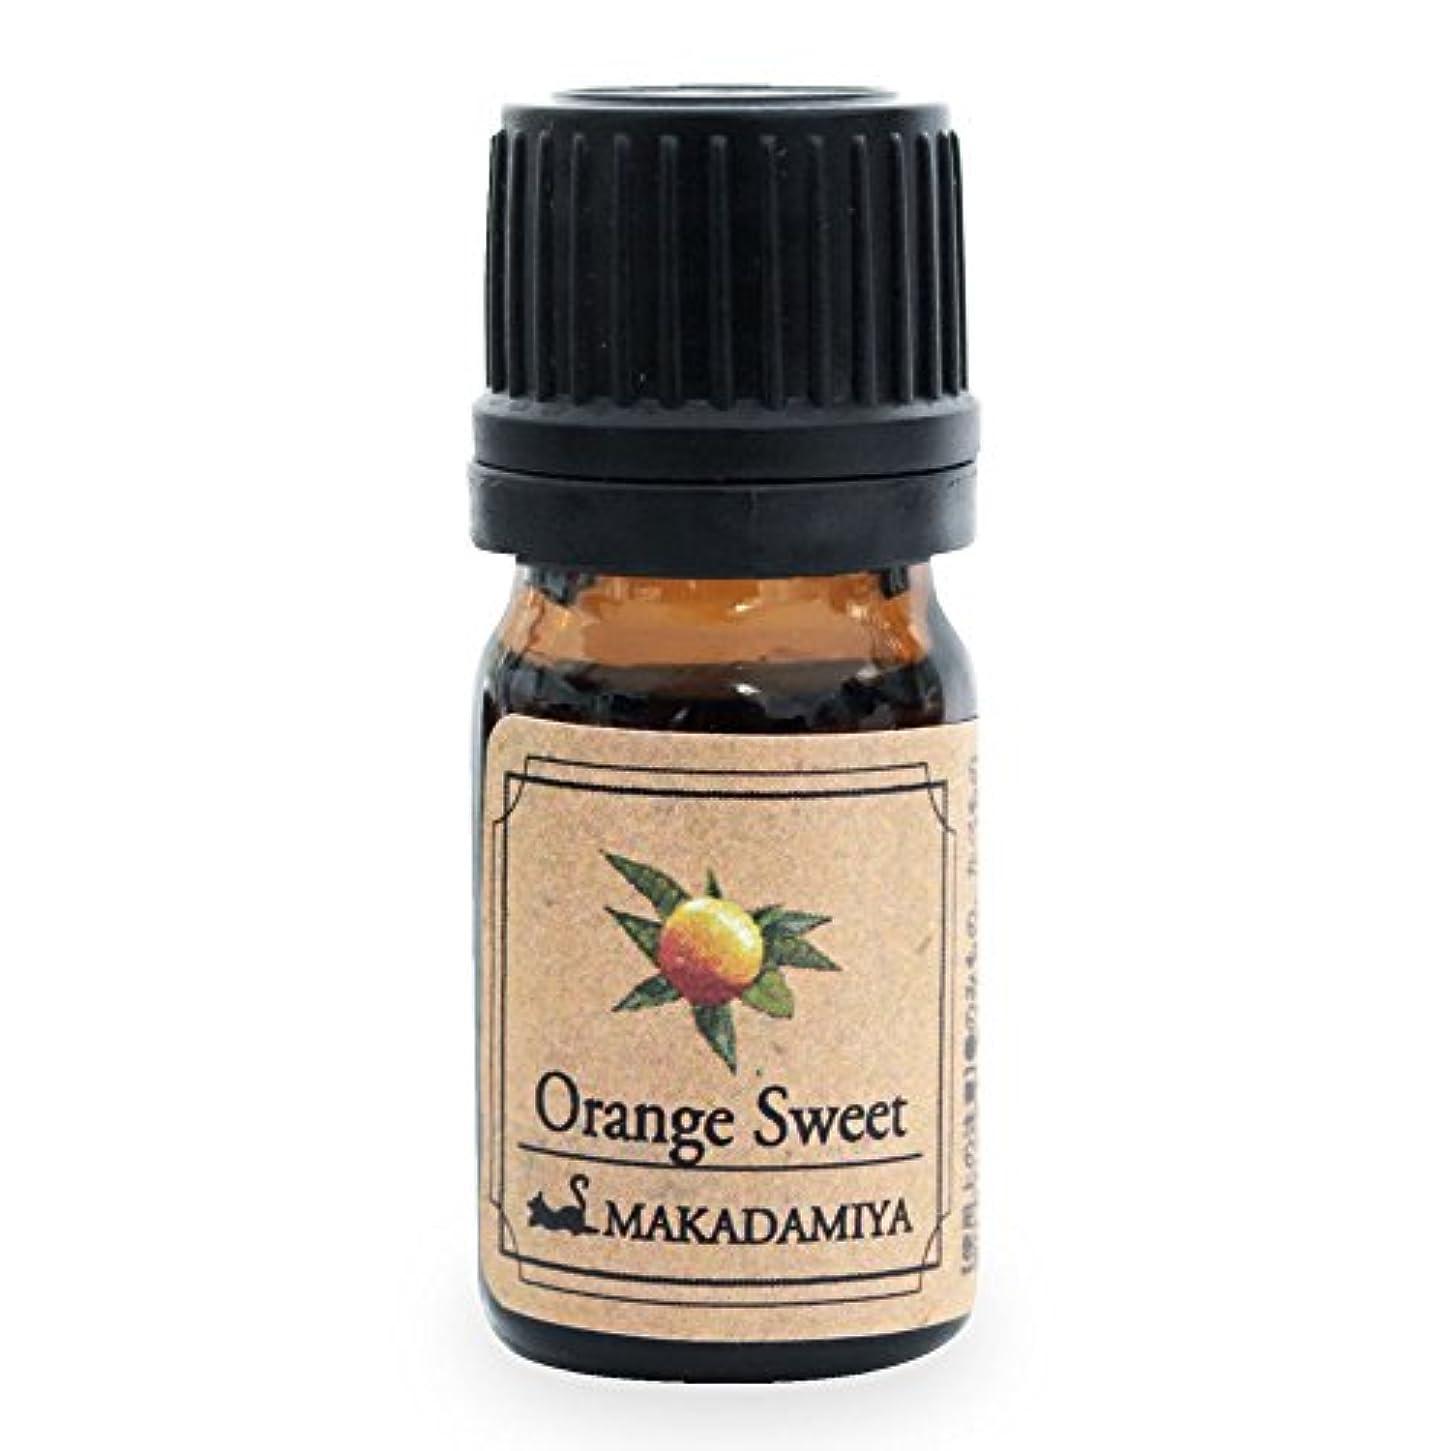 ペッカディロ確立絶対のオレンジ?スイート5ml 天然100%植物性 エッセンシャルオイル(精油) アロマオイル アロママッサージ aroma Orange Sweet